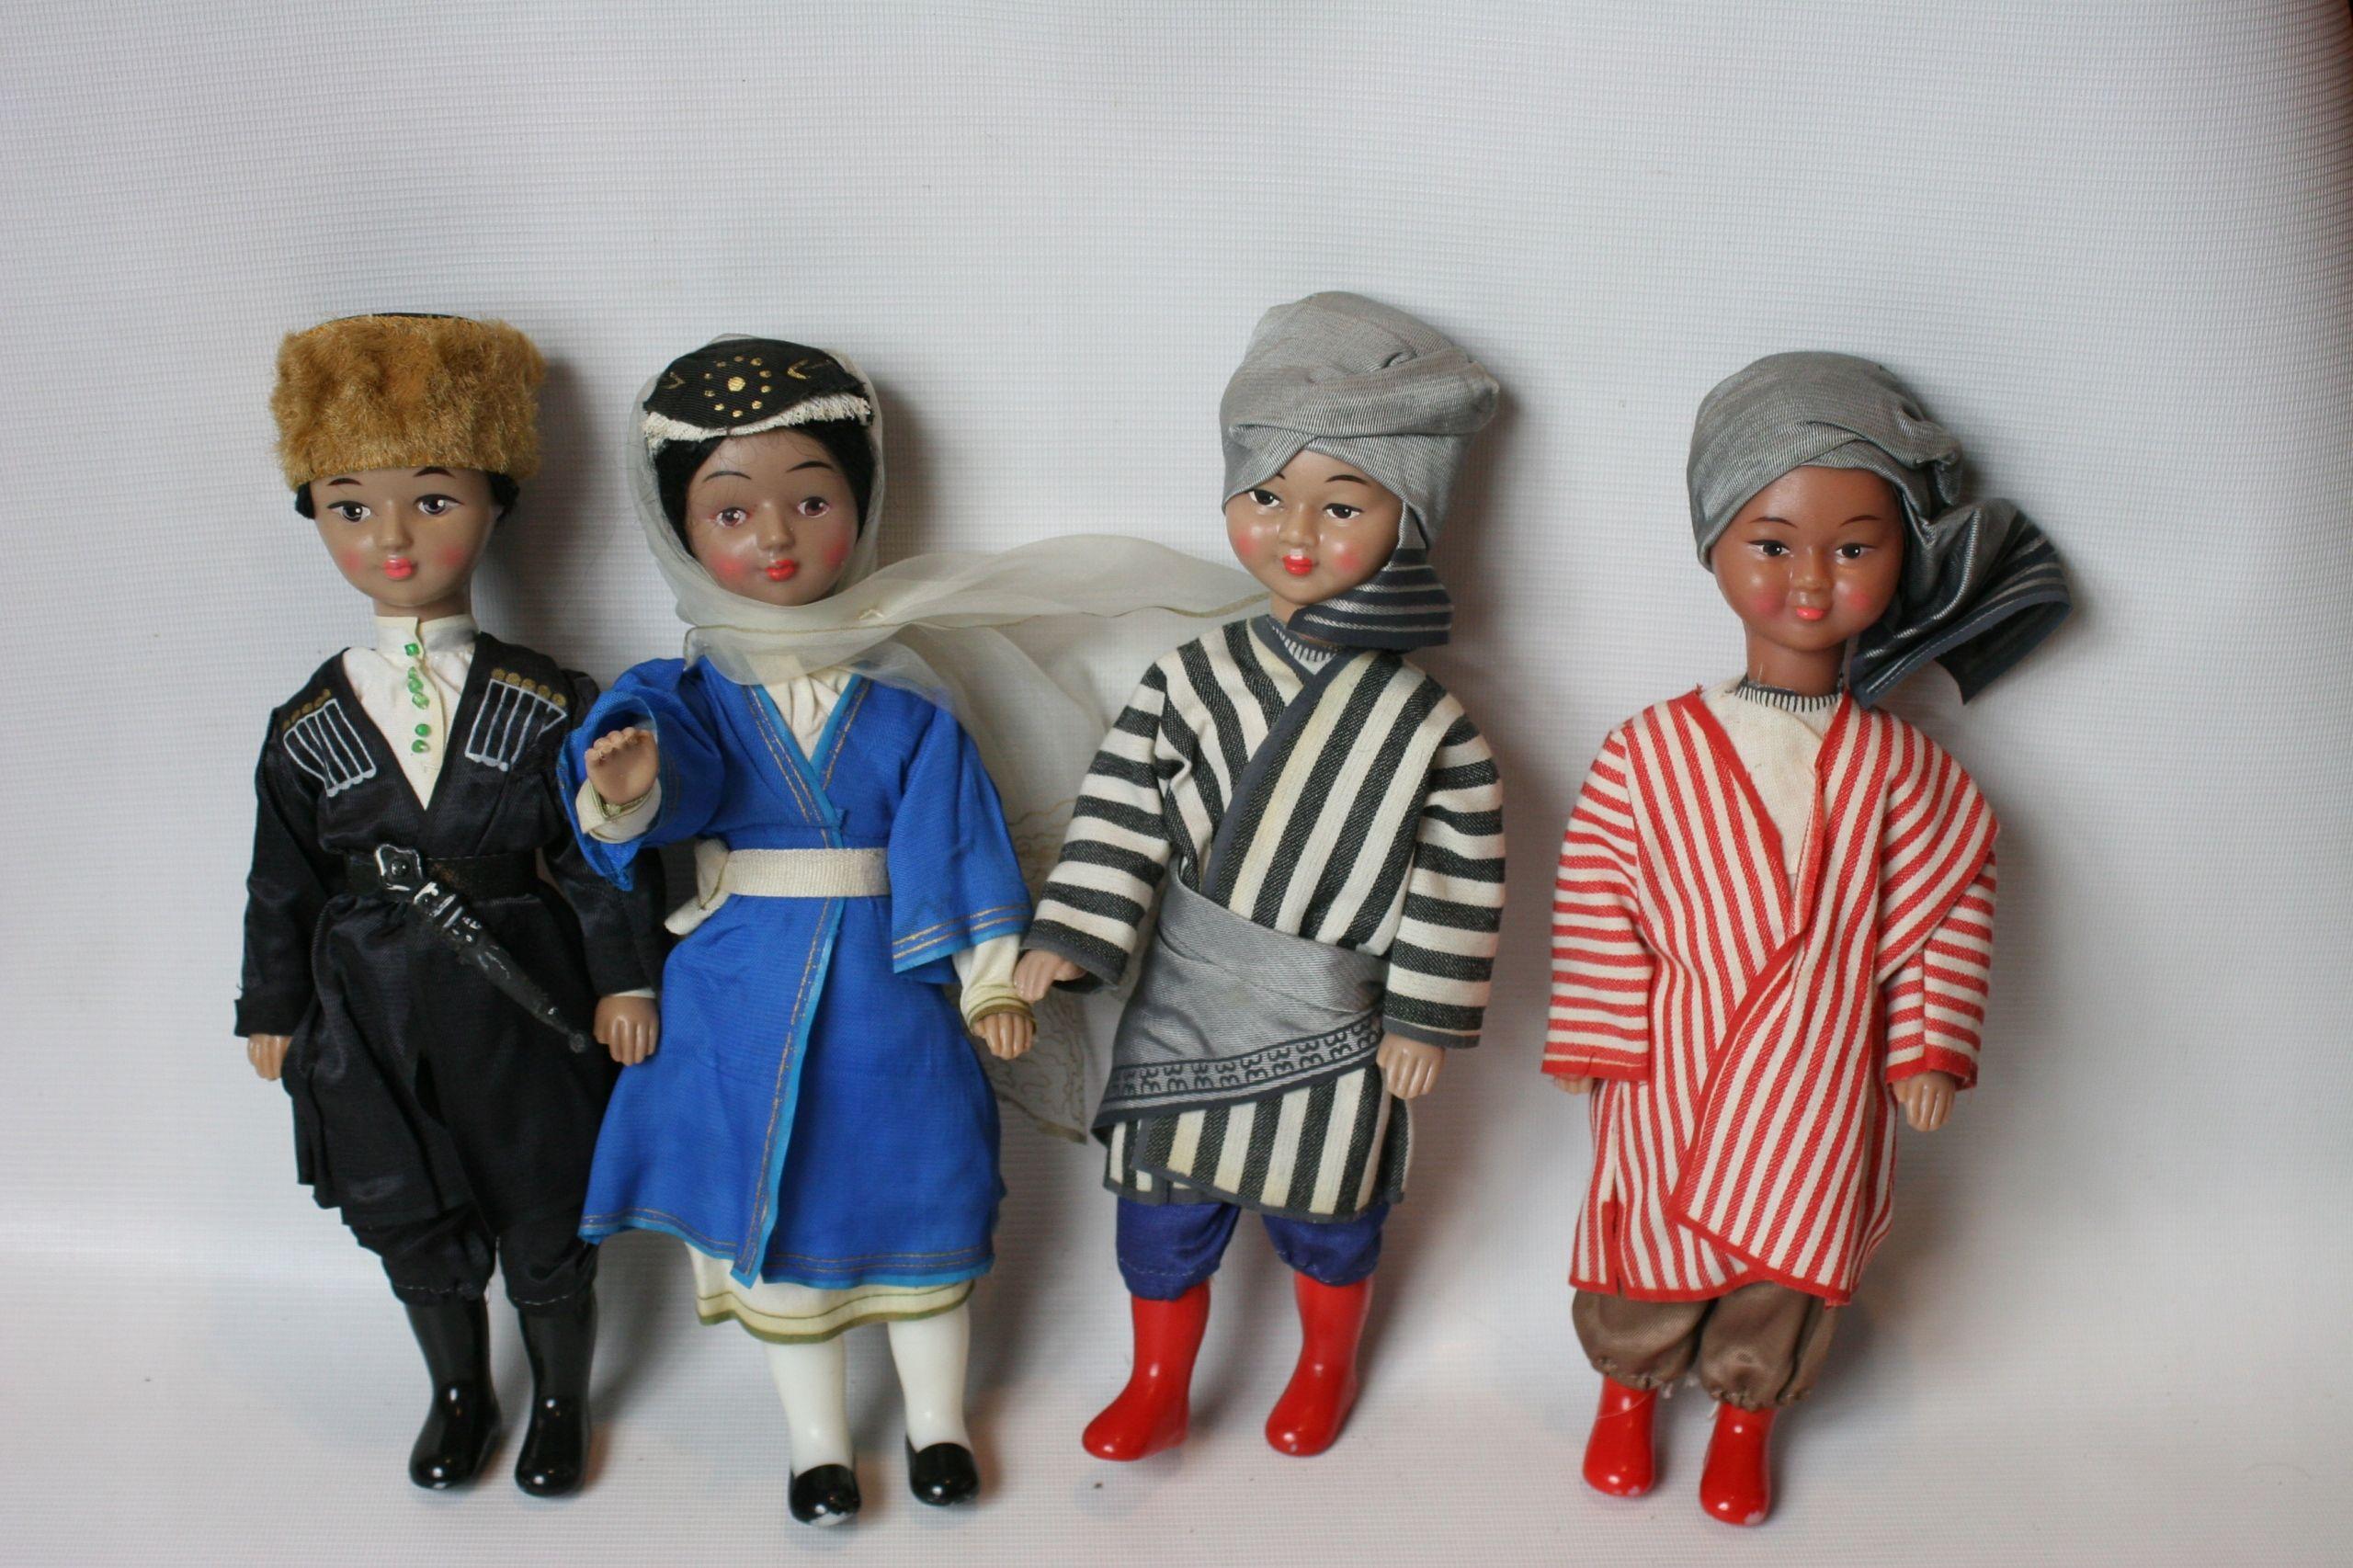 Rosyjskie Lalki Ludowe Komplet Moskiewskie 7548232238 Oficjalne Archiwum Allegro Character Teddy Childrens